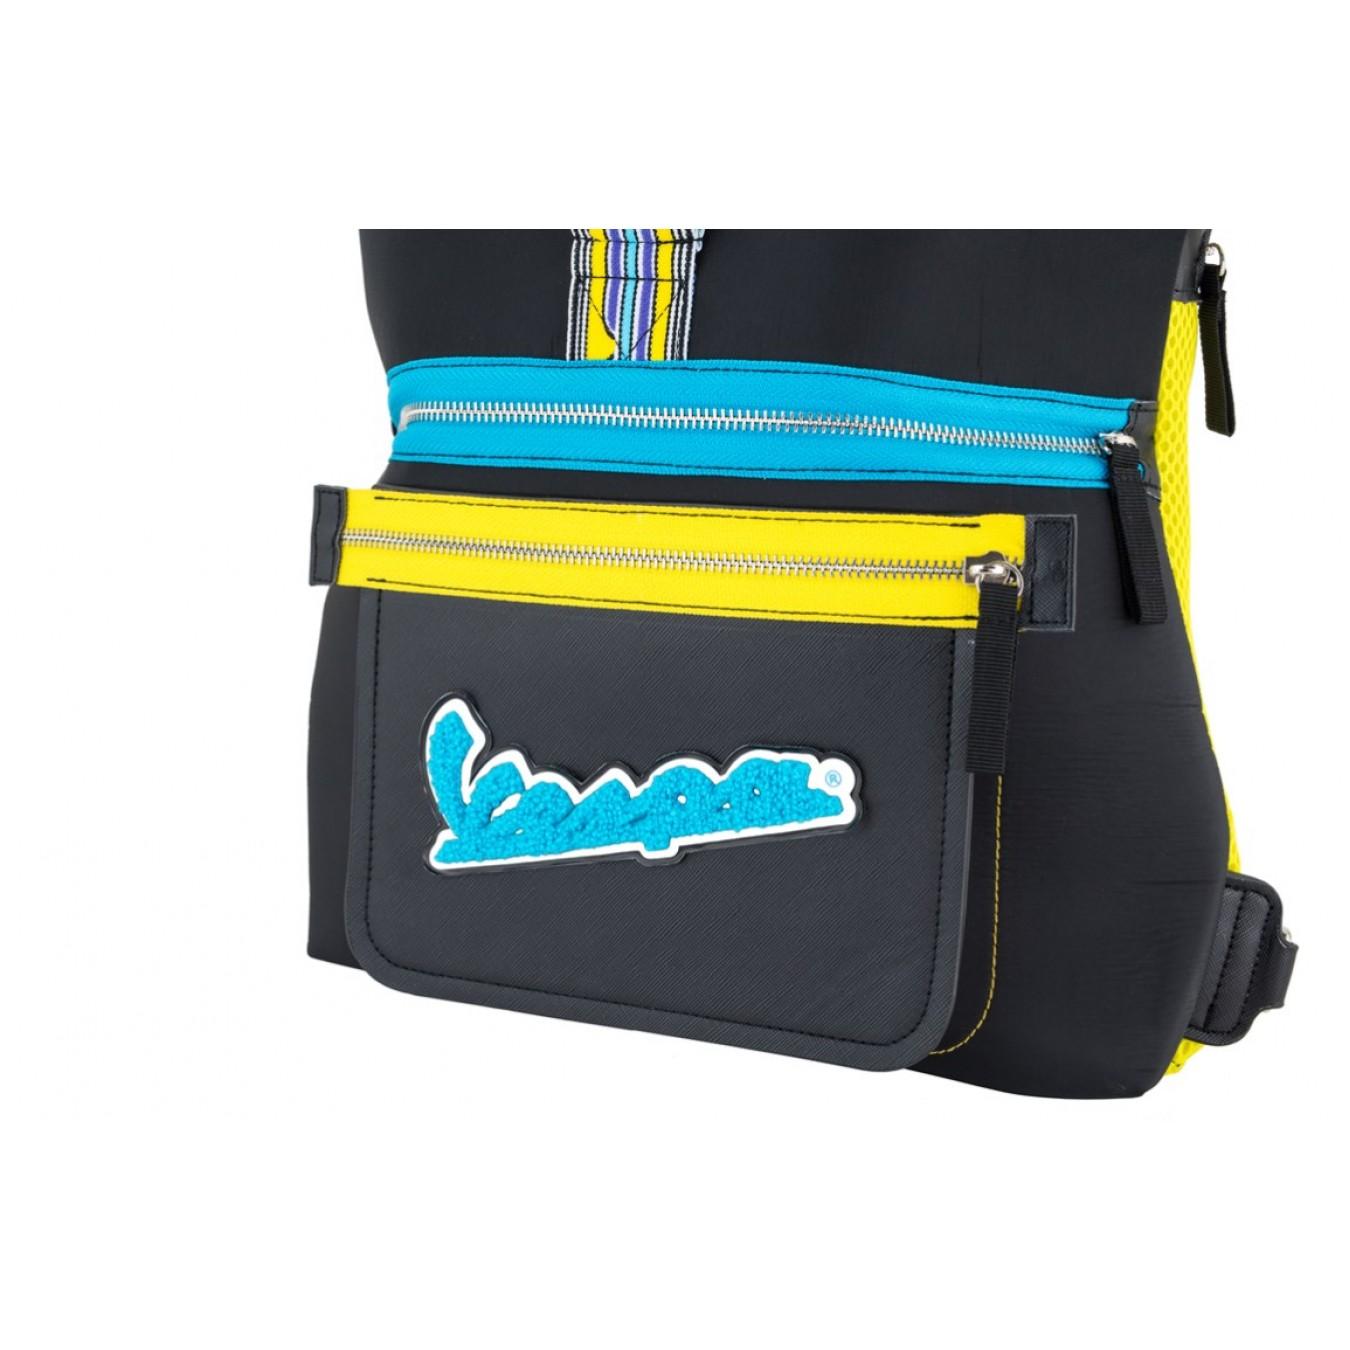 8081bc2ce8 ... Vespa τσάντα V-Stripes κίτρινη Τσάντες   Σακίδια   Βαλίτσες